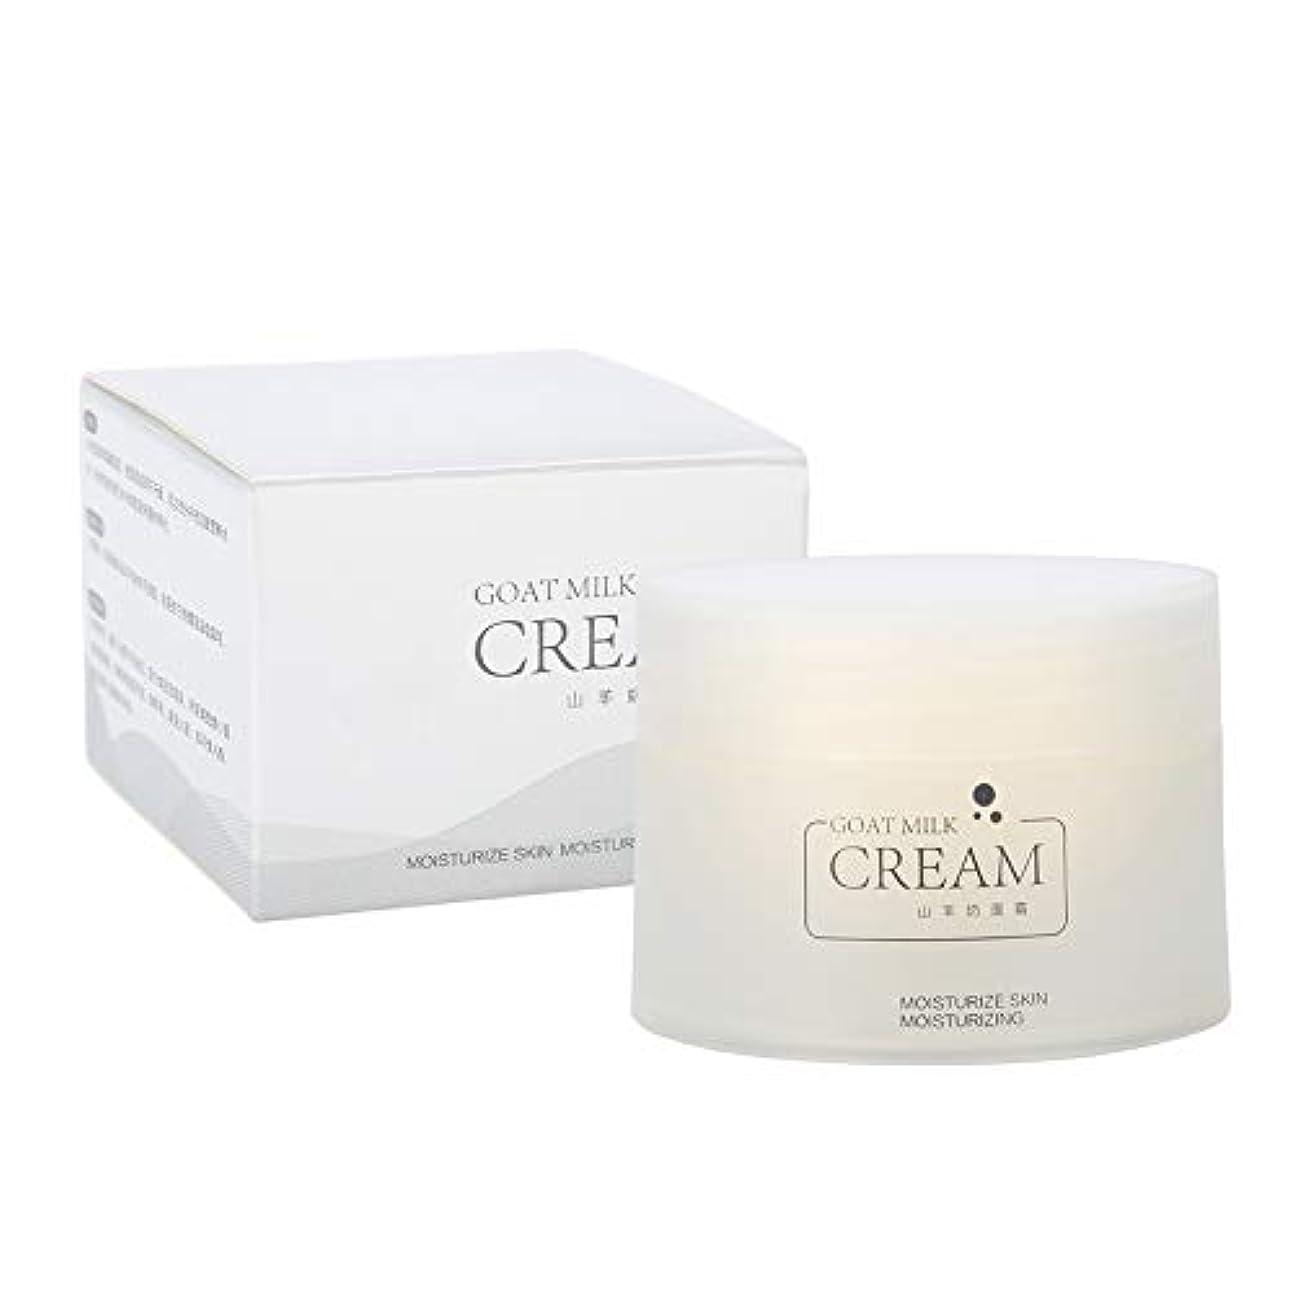 息を切らしてバーベット30mlフェイスクリーム - 顔用保湿クリーム、100%天然配合